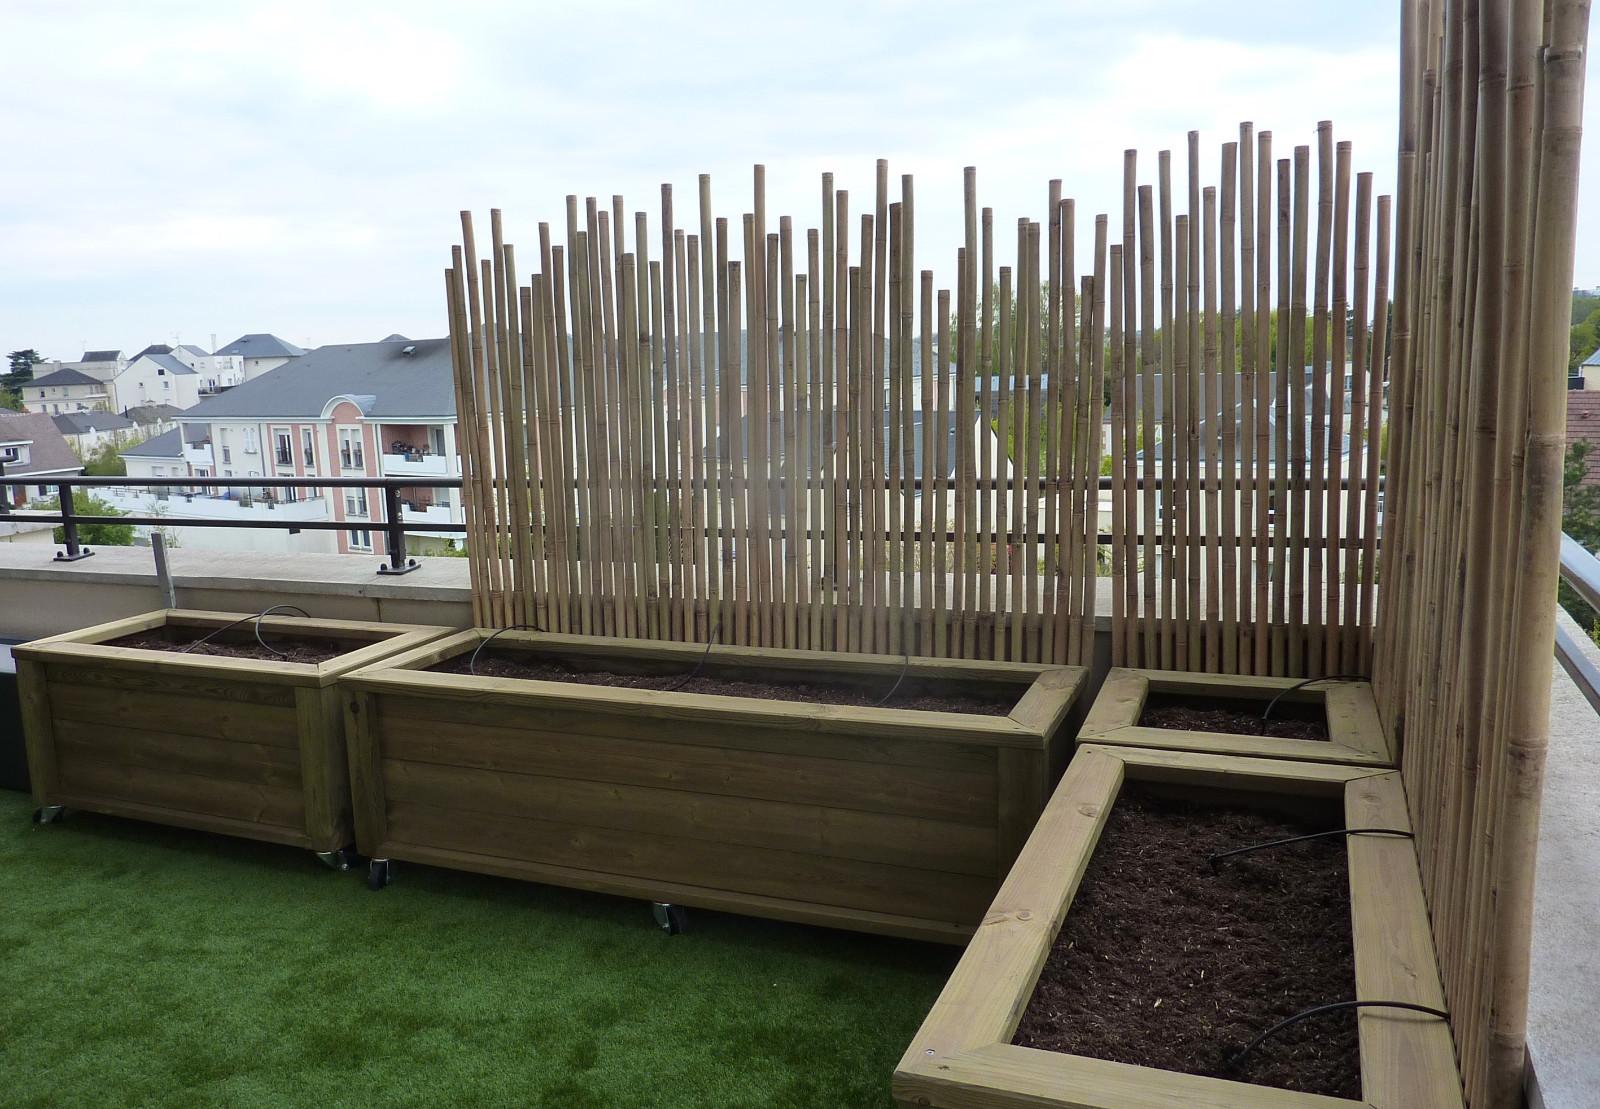 Aménagement terrasse. Brise-vent en bambou_Avril 2021 [3/4] – Travaux en cours